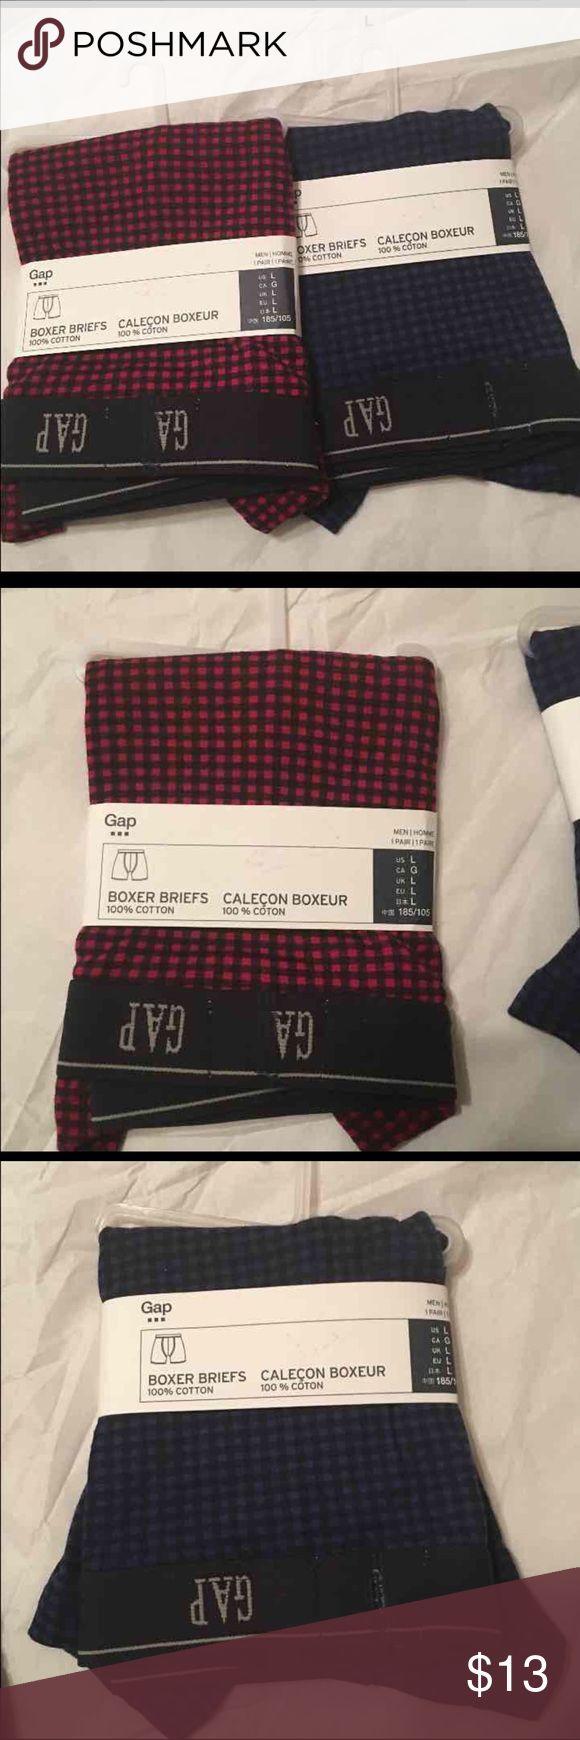 2 Gap Men's Boxers Briefs 2 Gap men's boxers briefs 100% cotton  Red and Navy GAP Underwear & Socks Boxer Briefs